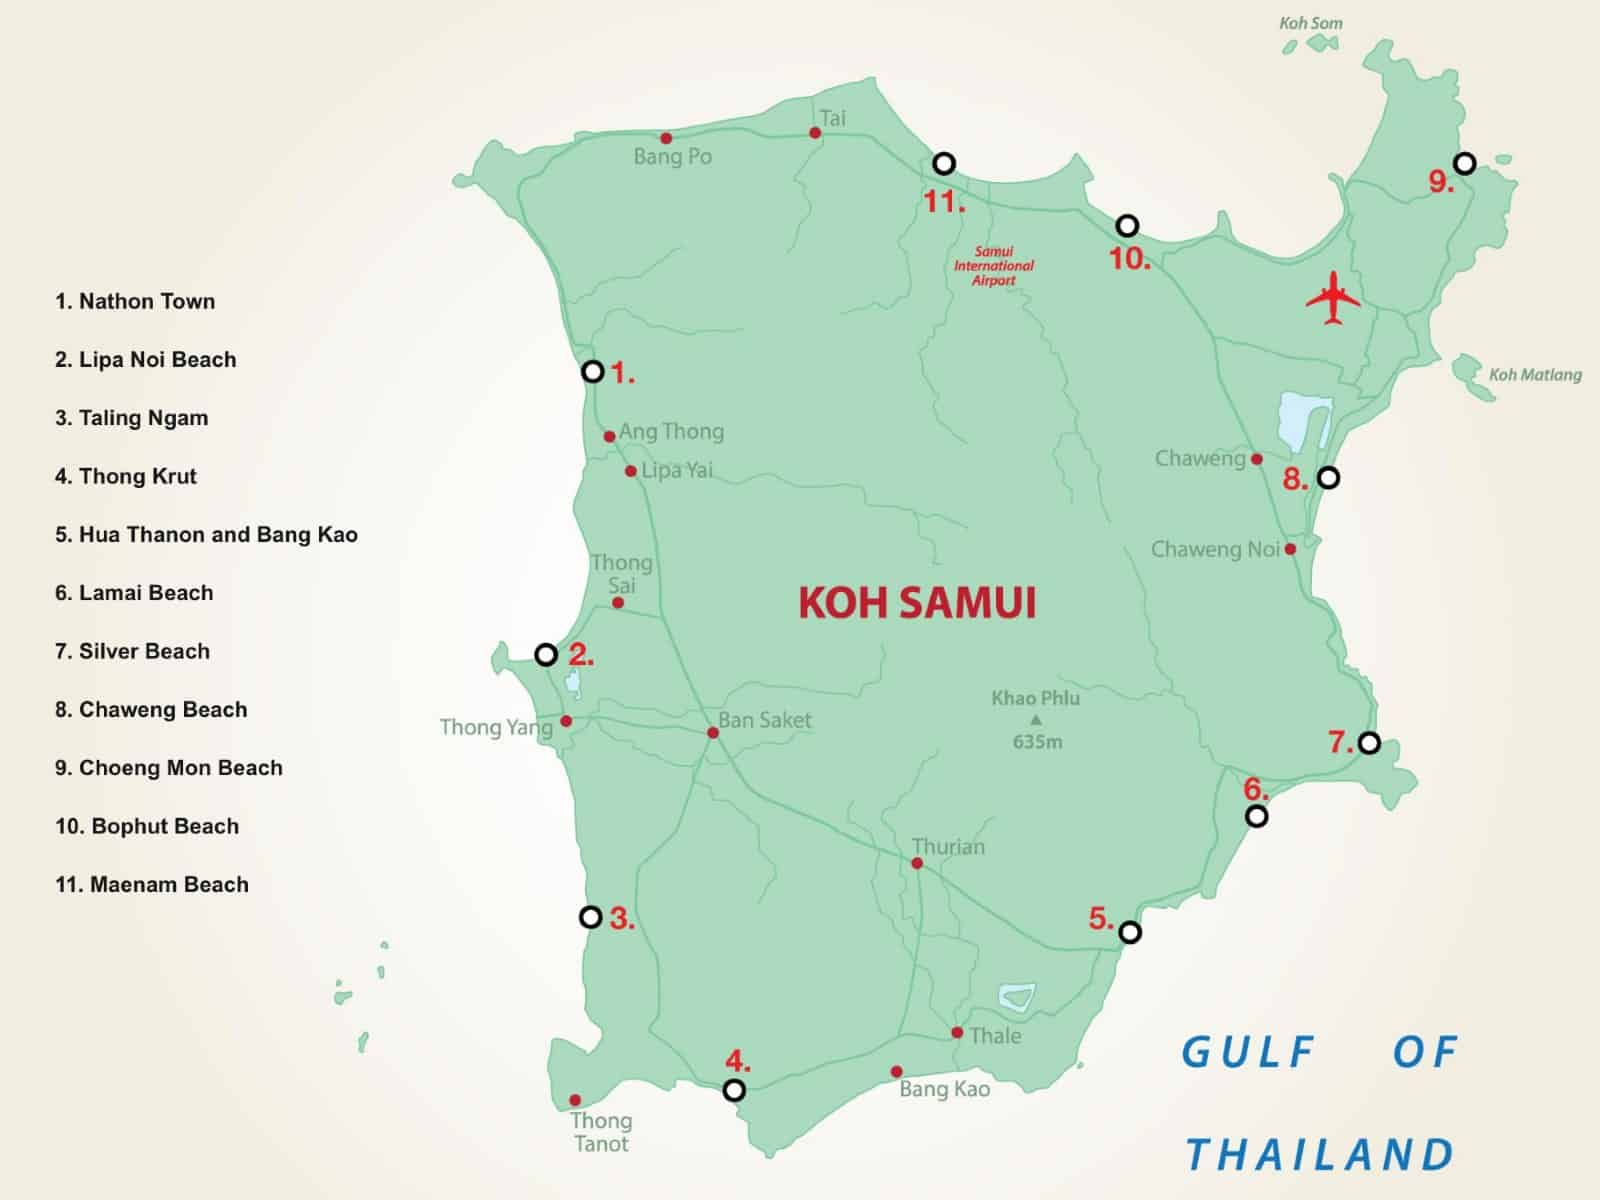 Mappa Koh Samui